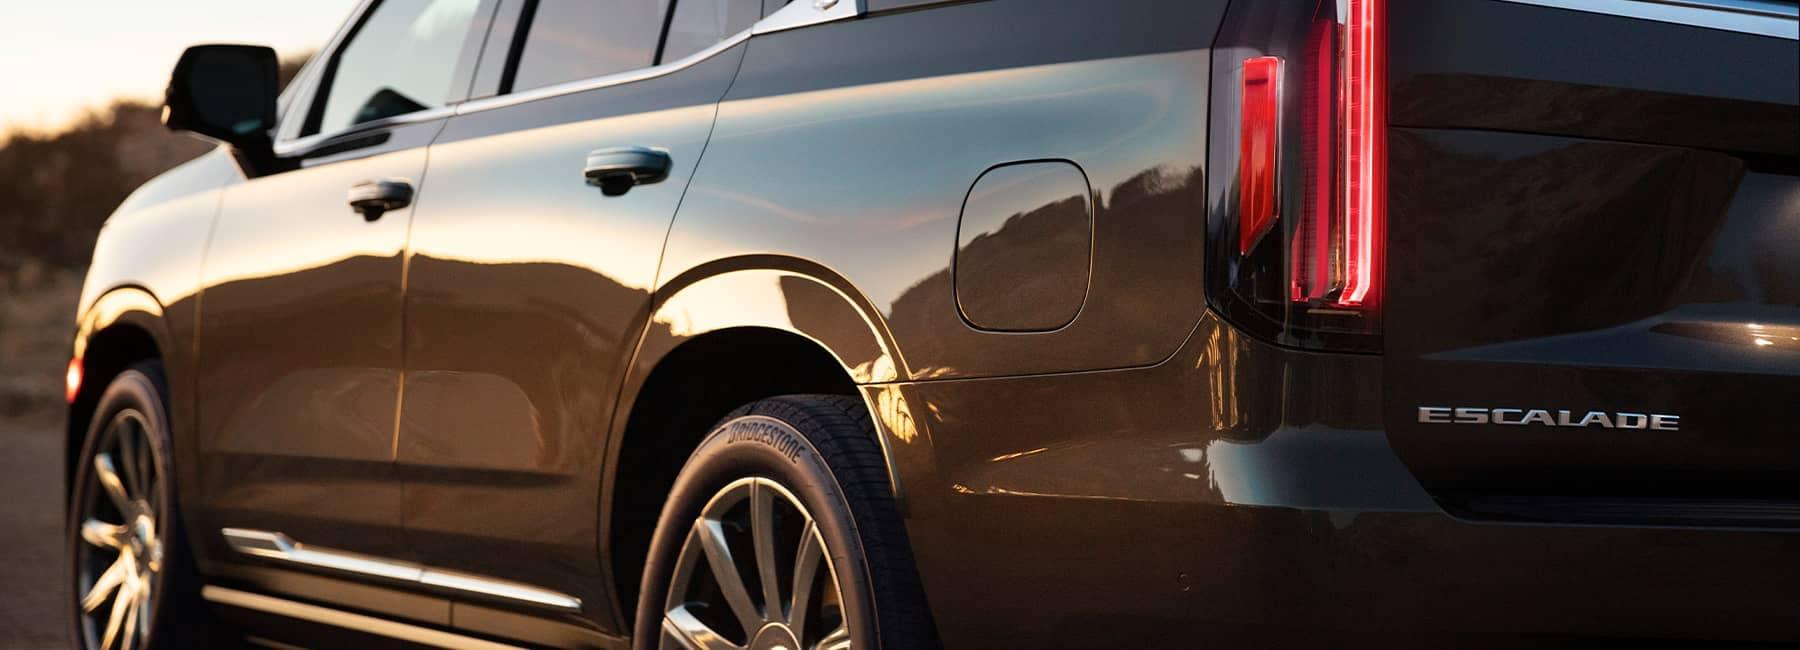 2021 Cadillac Escalade Exterior Rear Angle